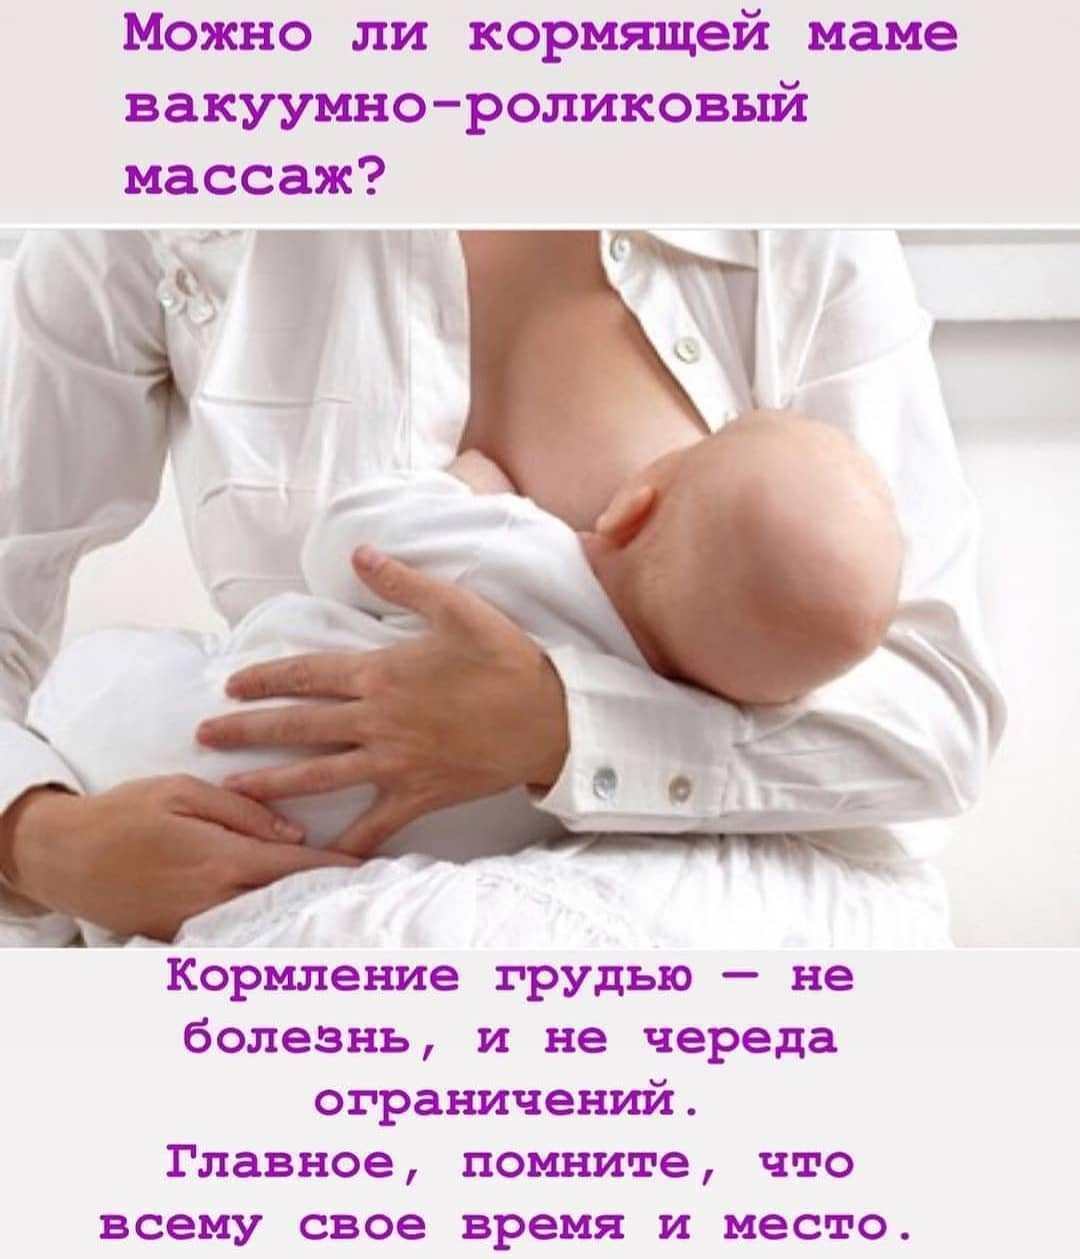 Какой массаж можно кормящей маме